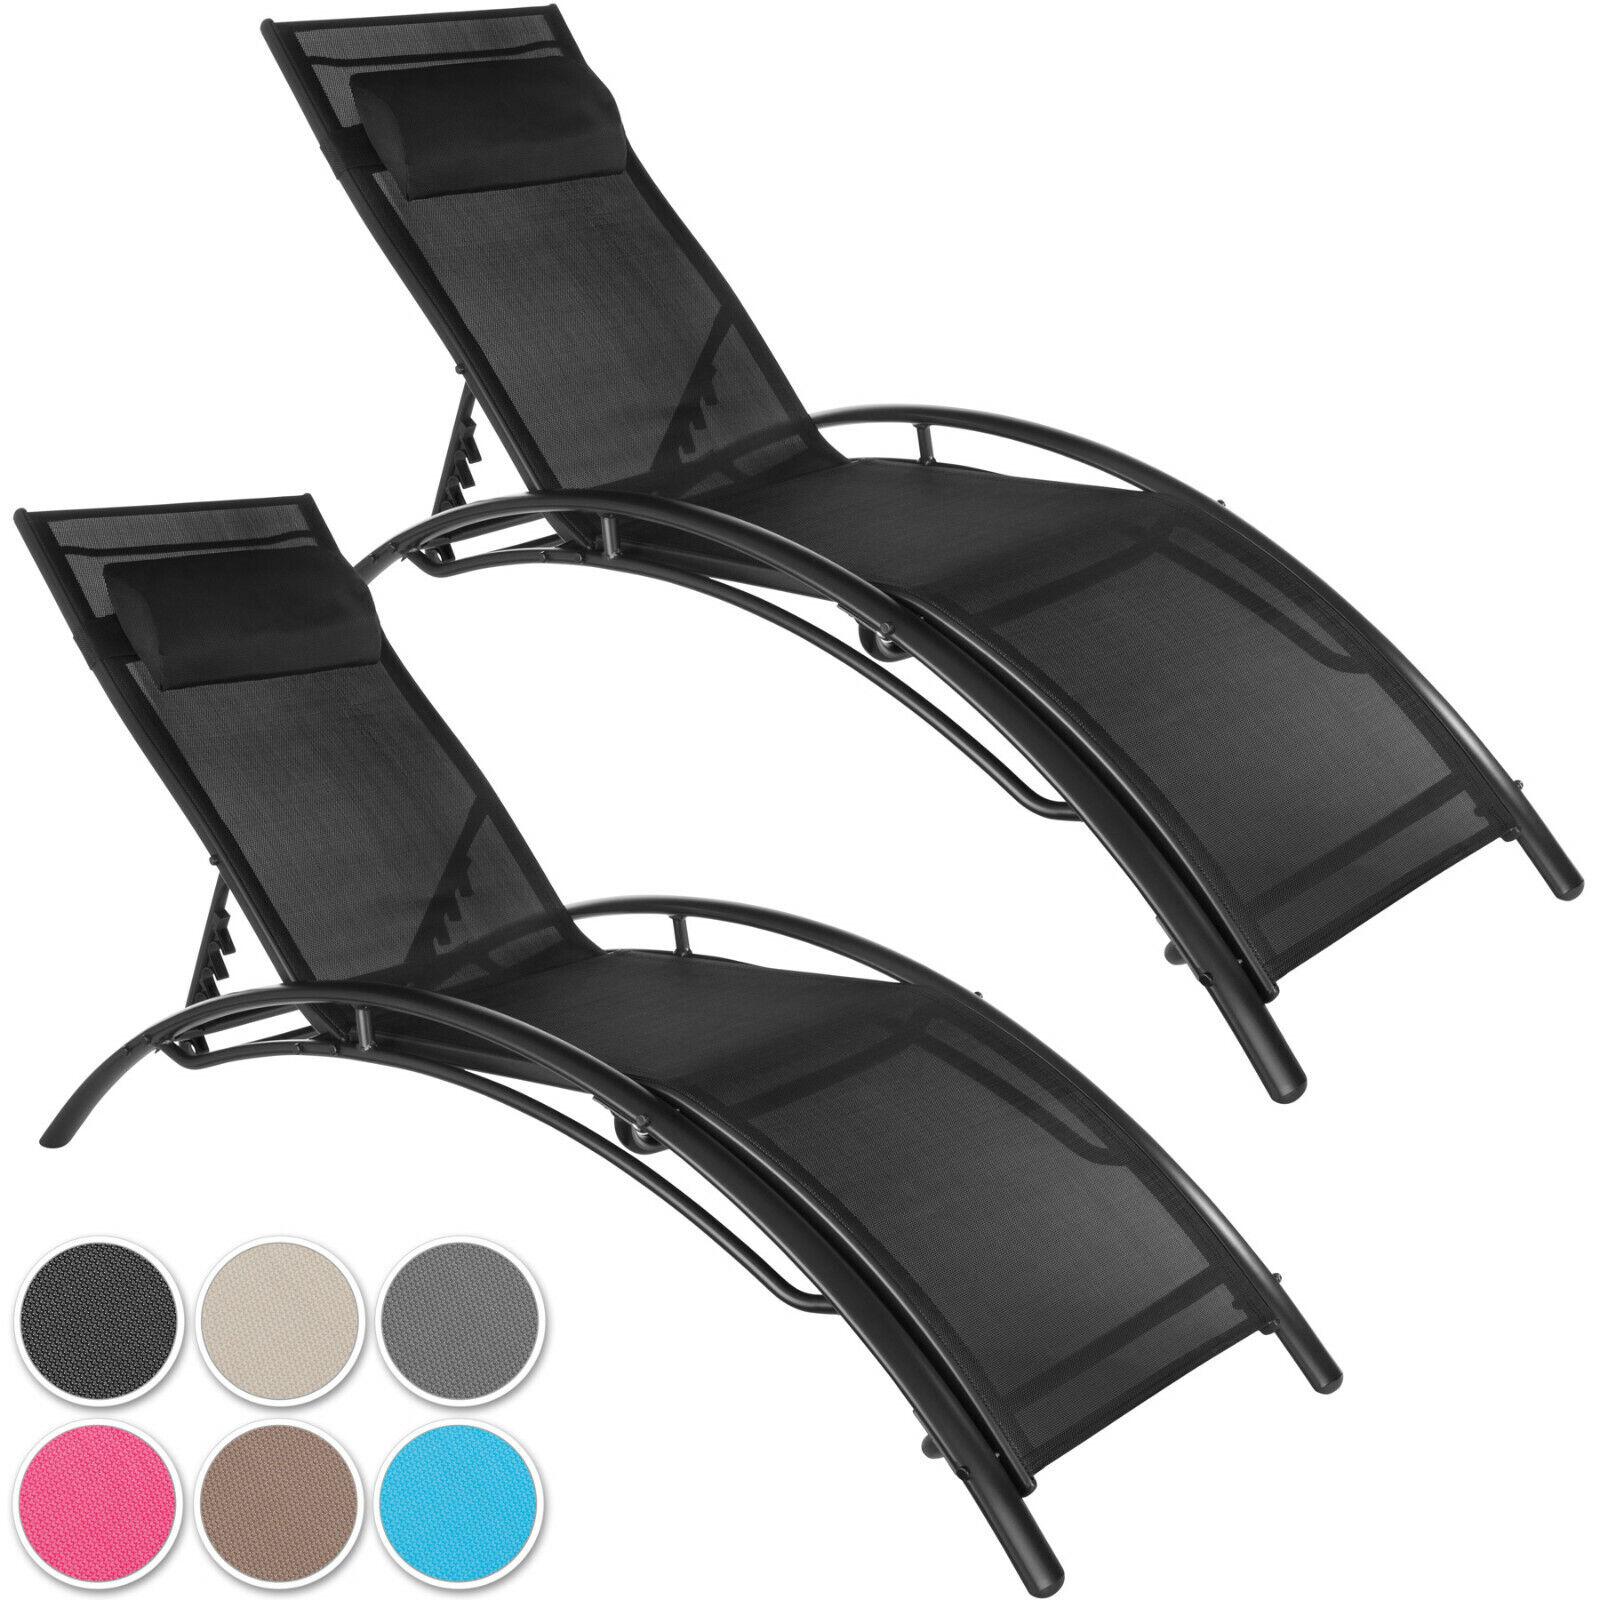 Sonnenliege Gartenstuhl Strandliege Liegestuhl Gartenliege klappbar mit Kissen